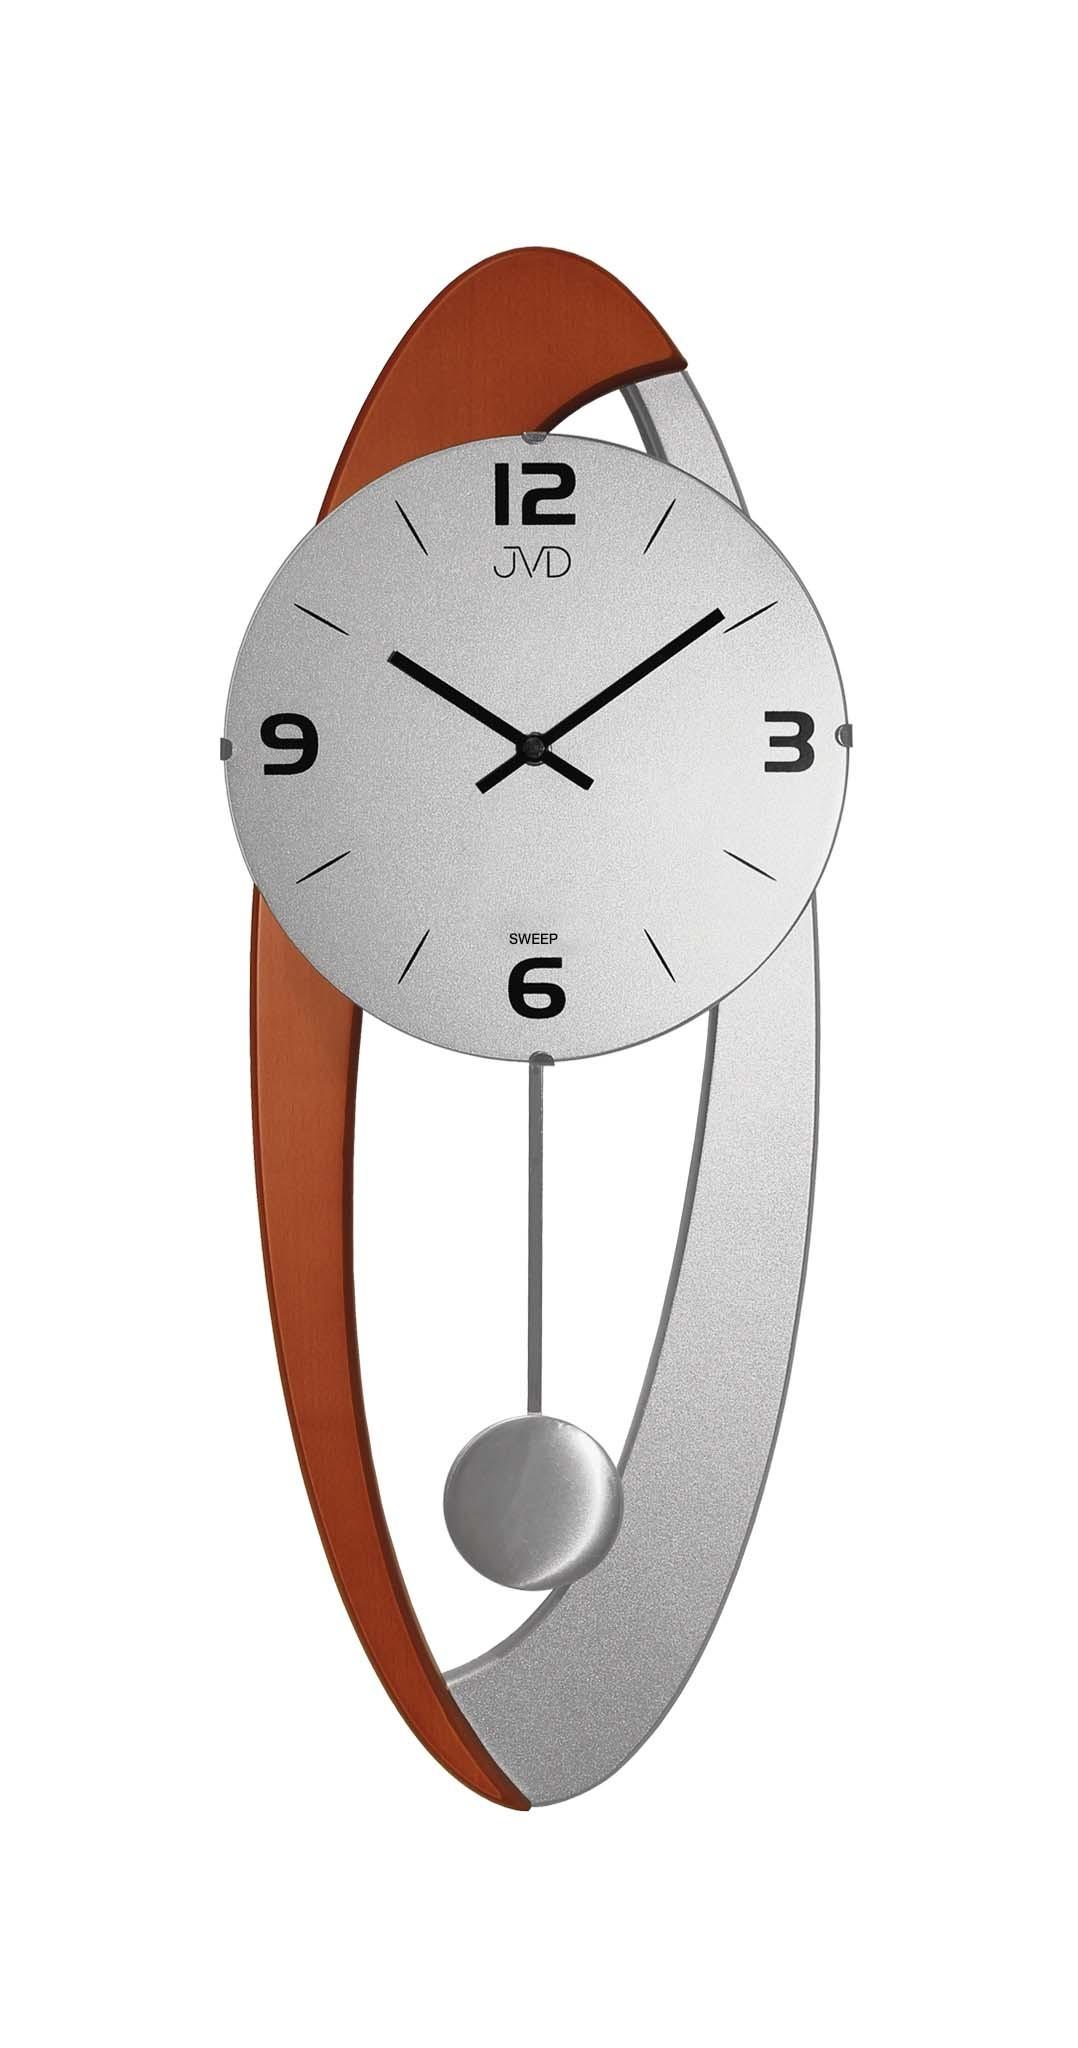 Dřevěné skleněné designové kyvadlové netikající nástěnné hodiny JVD NS15021/41 (POŠTOVNÉ ZDARMA!!)